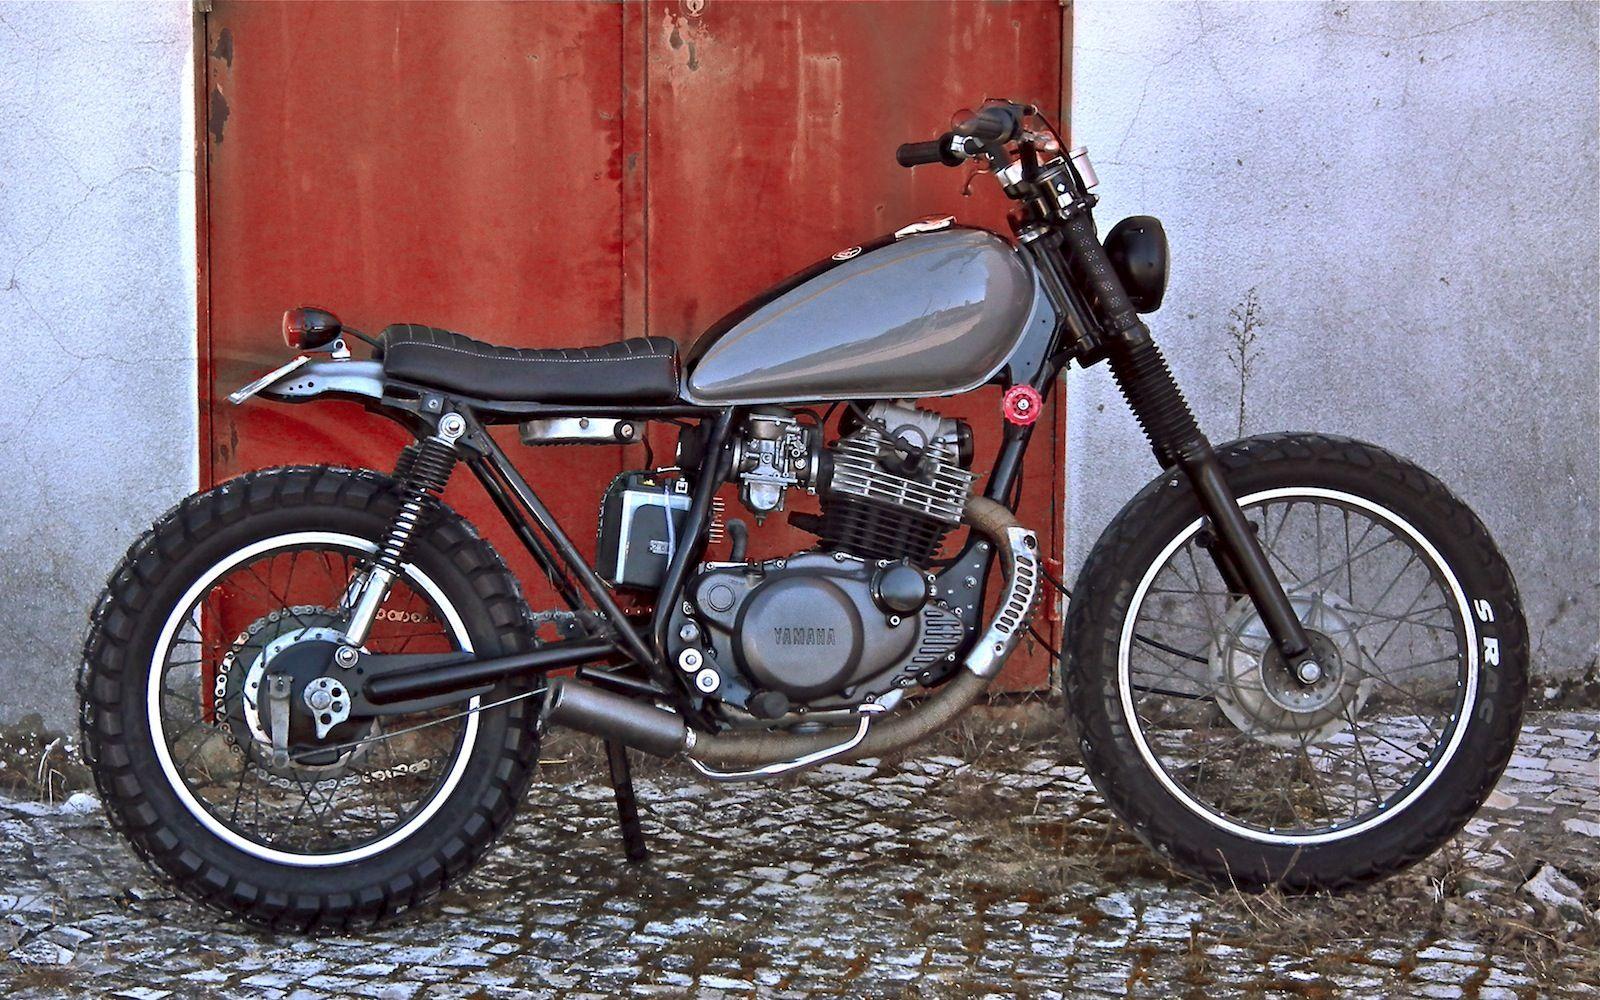 Lab 29 Yamaha Motos Moteros